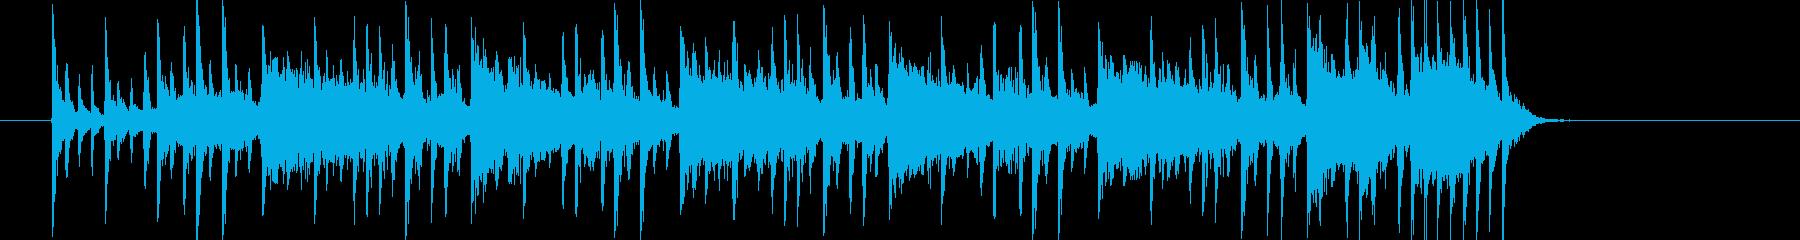 ワクワクするようなテクノポップの再生済みの波形